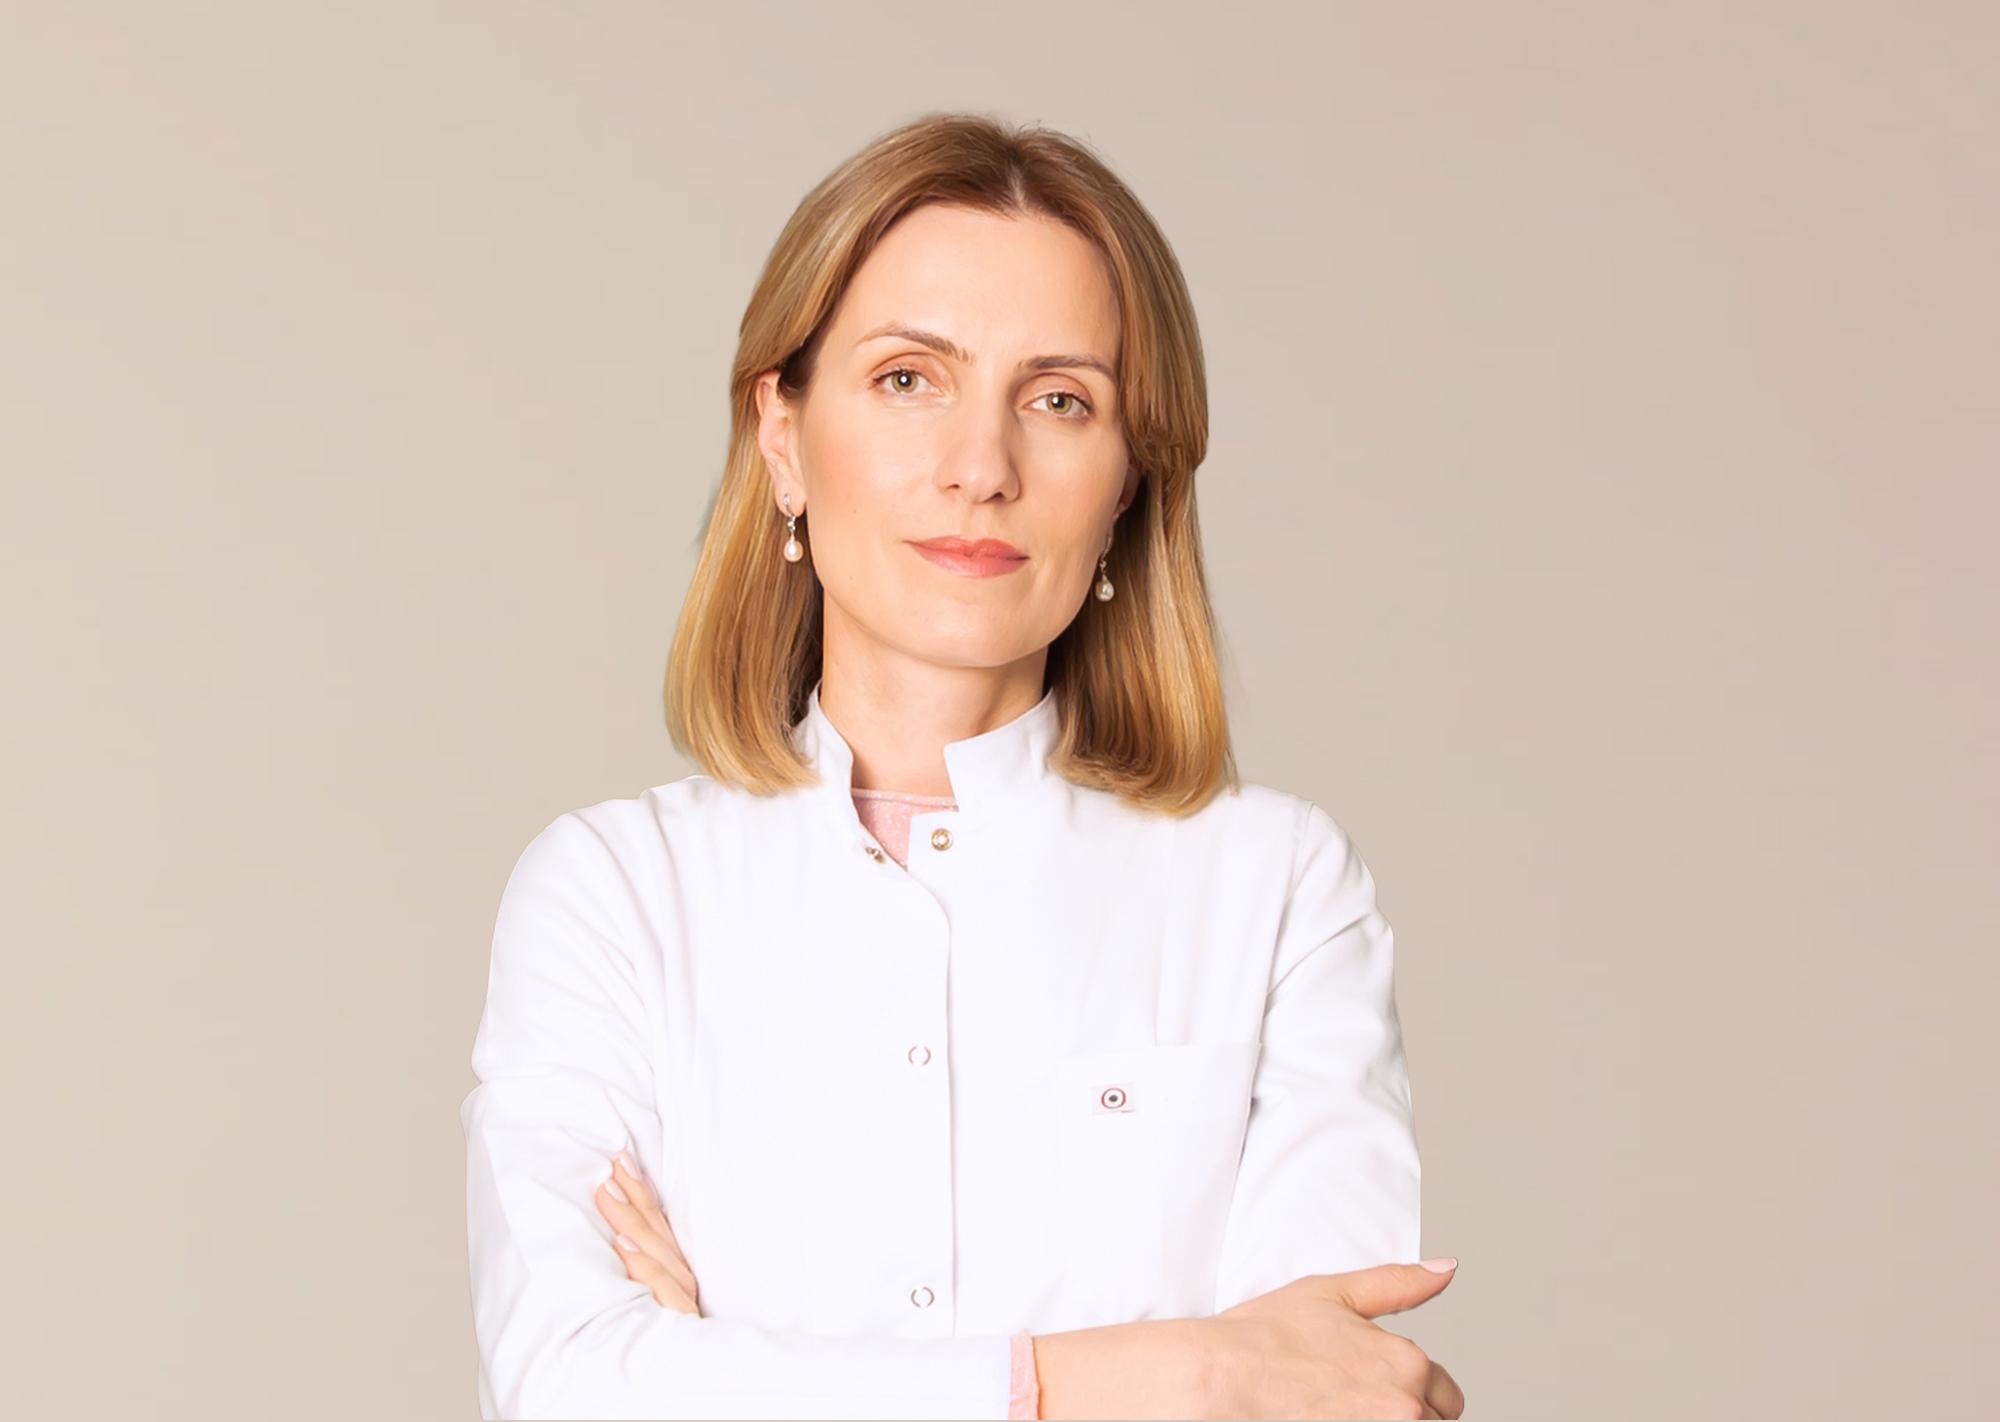 Хатуна Бибичадзе